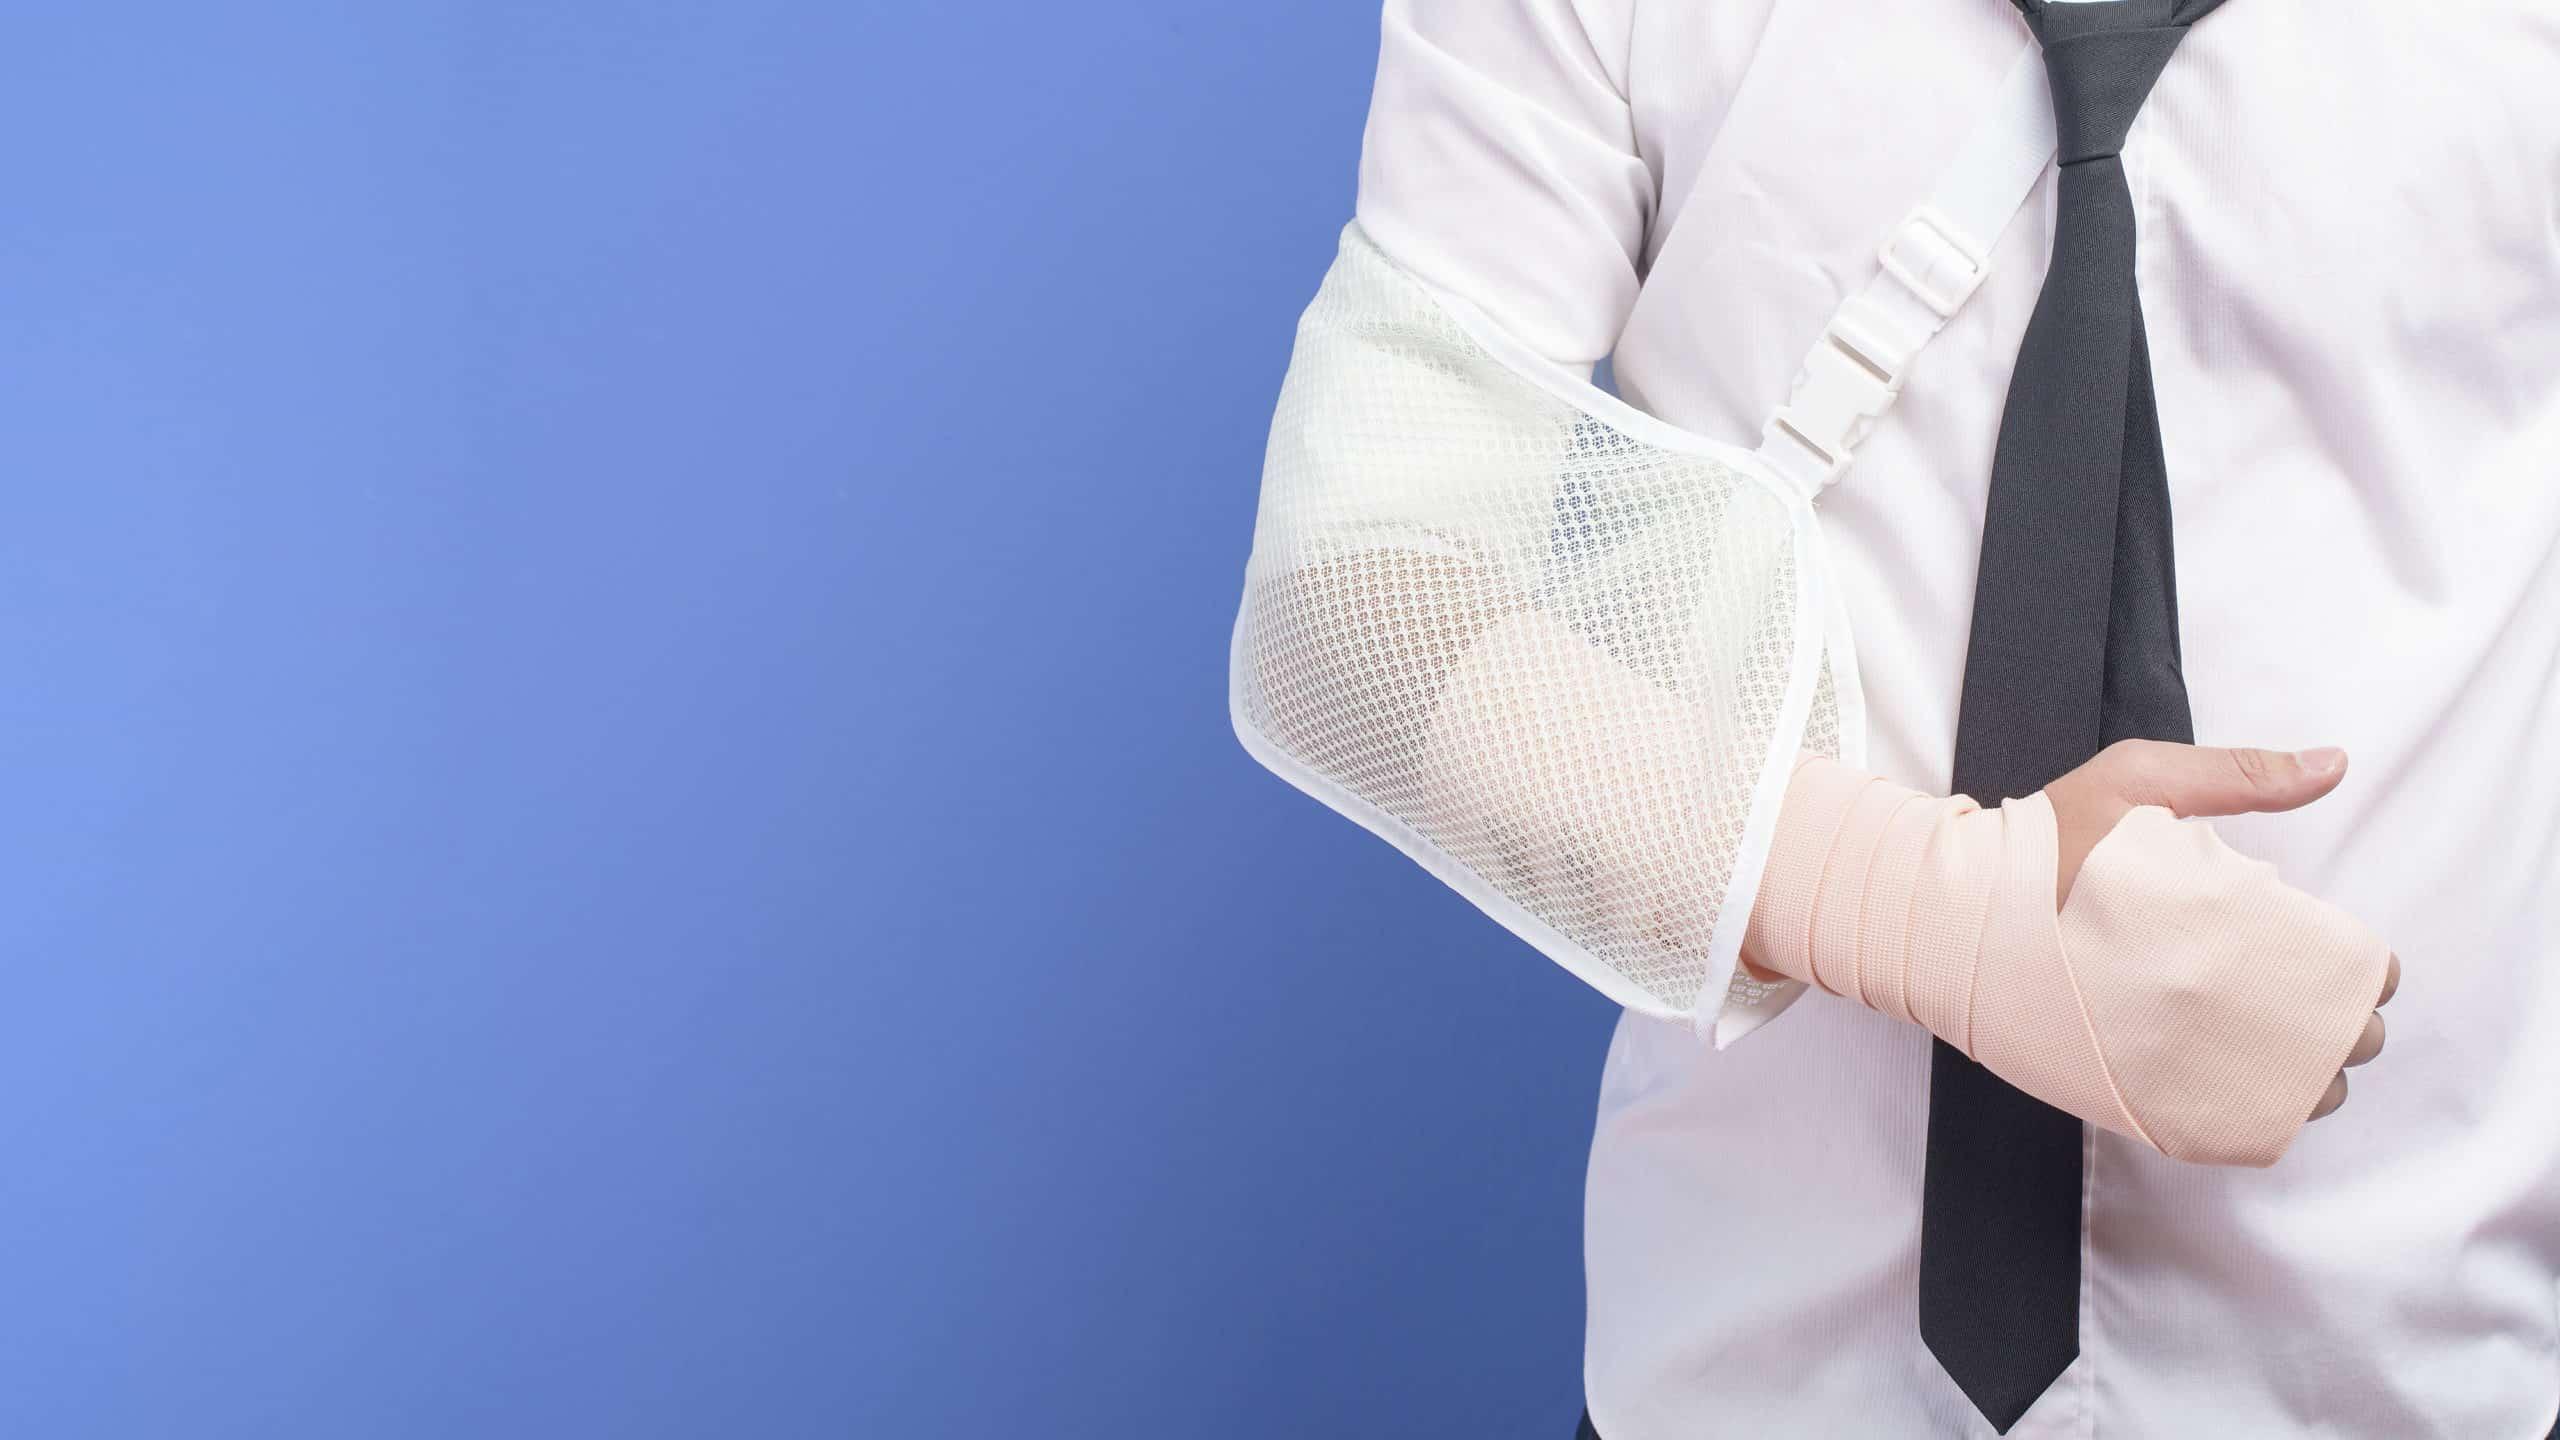 Redução mínima da capacidade ao trabalho dá direito a auxílio-acidente.